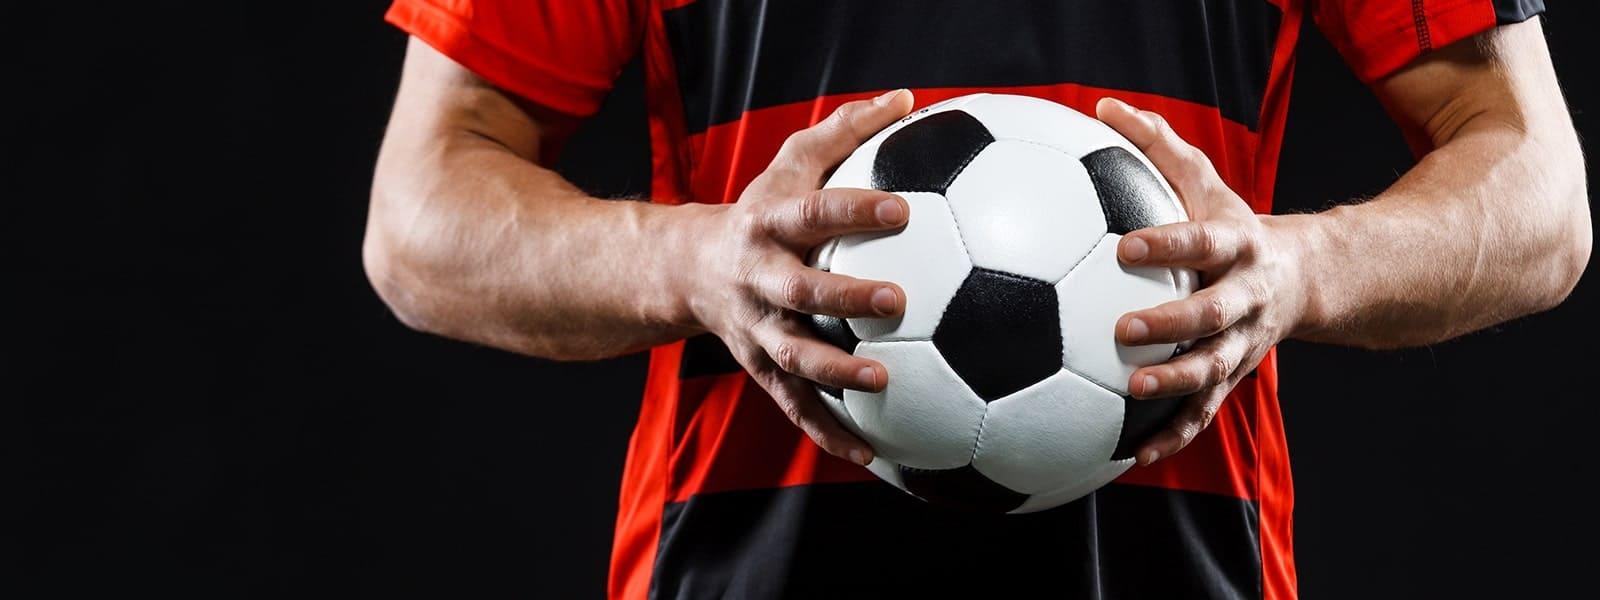 jogador-de-futebol